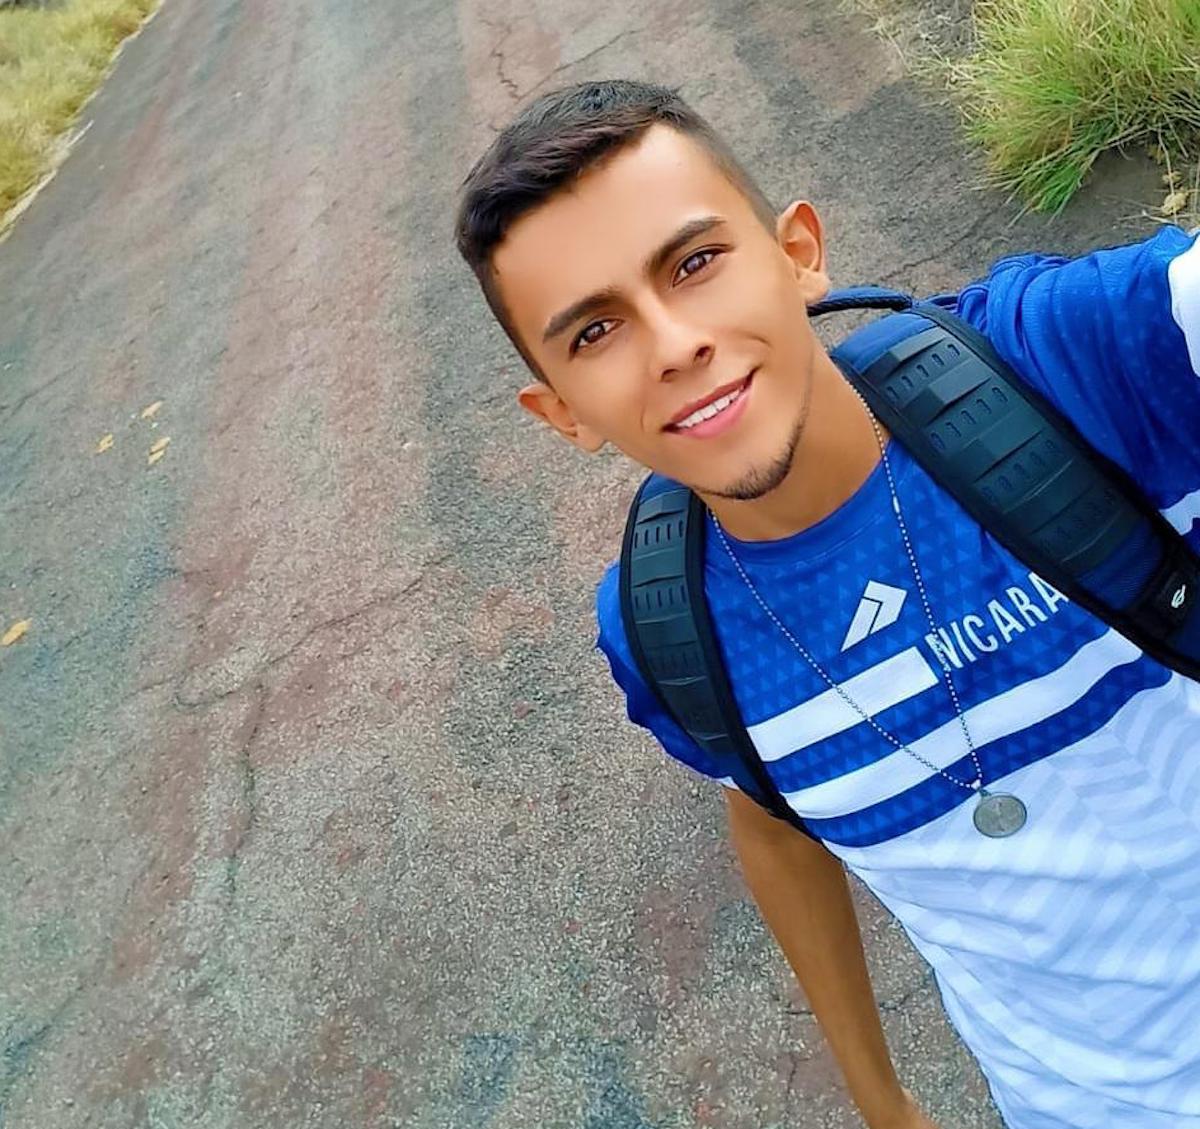 Erlinton Antonio Flores Ortiz busca asilo político por segunda vez en EE UU. (Cortesía)